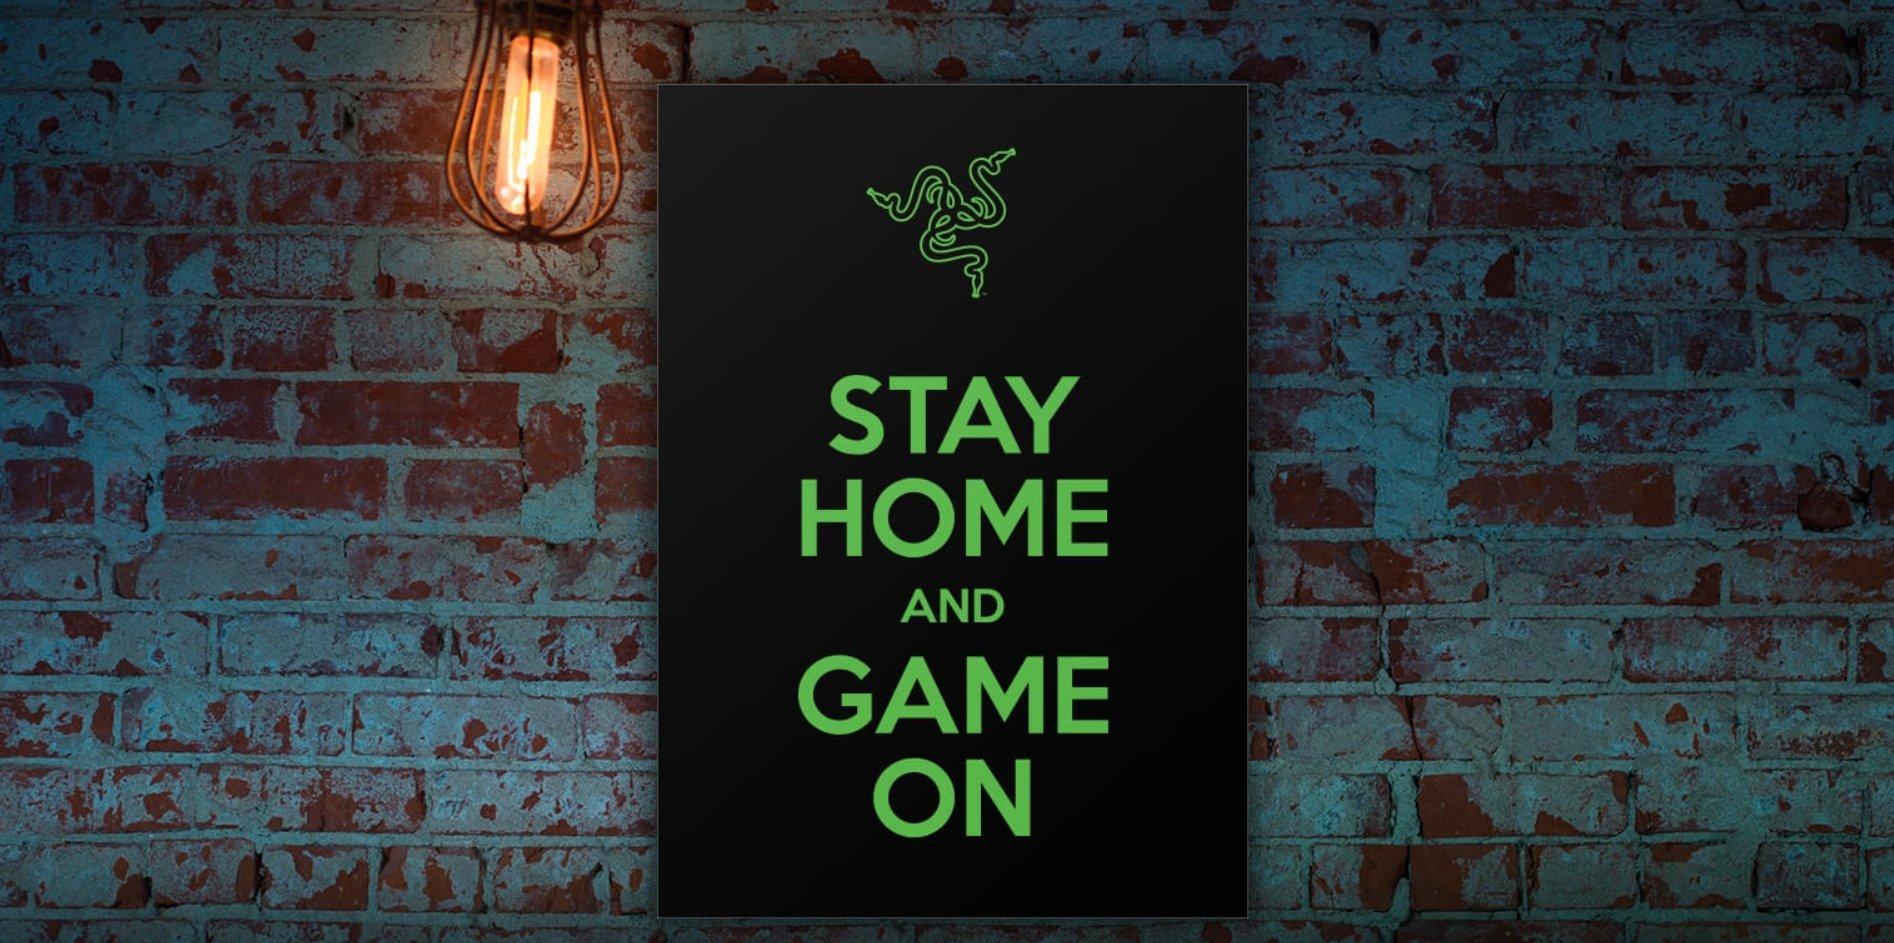 雷蛇-Stay home and game on-Social Distance-創意